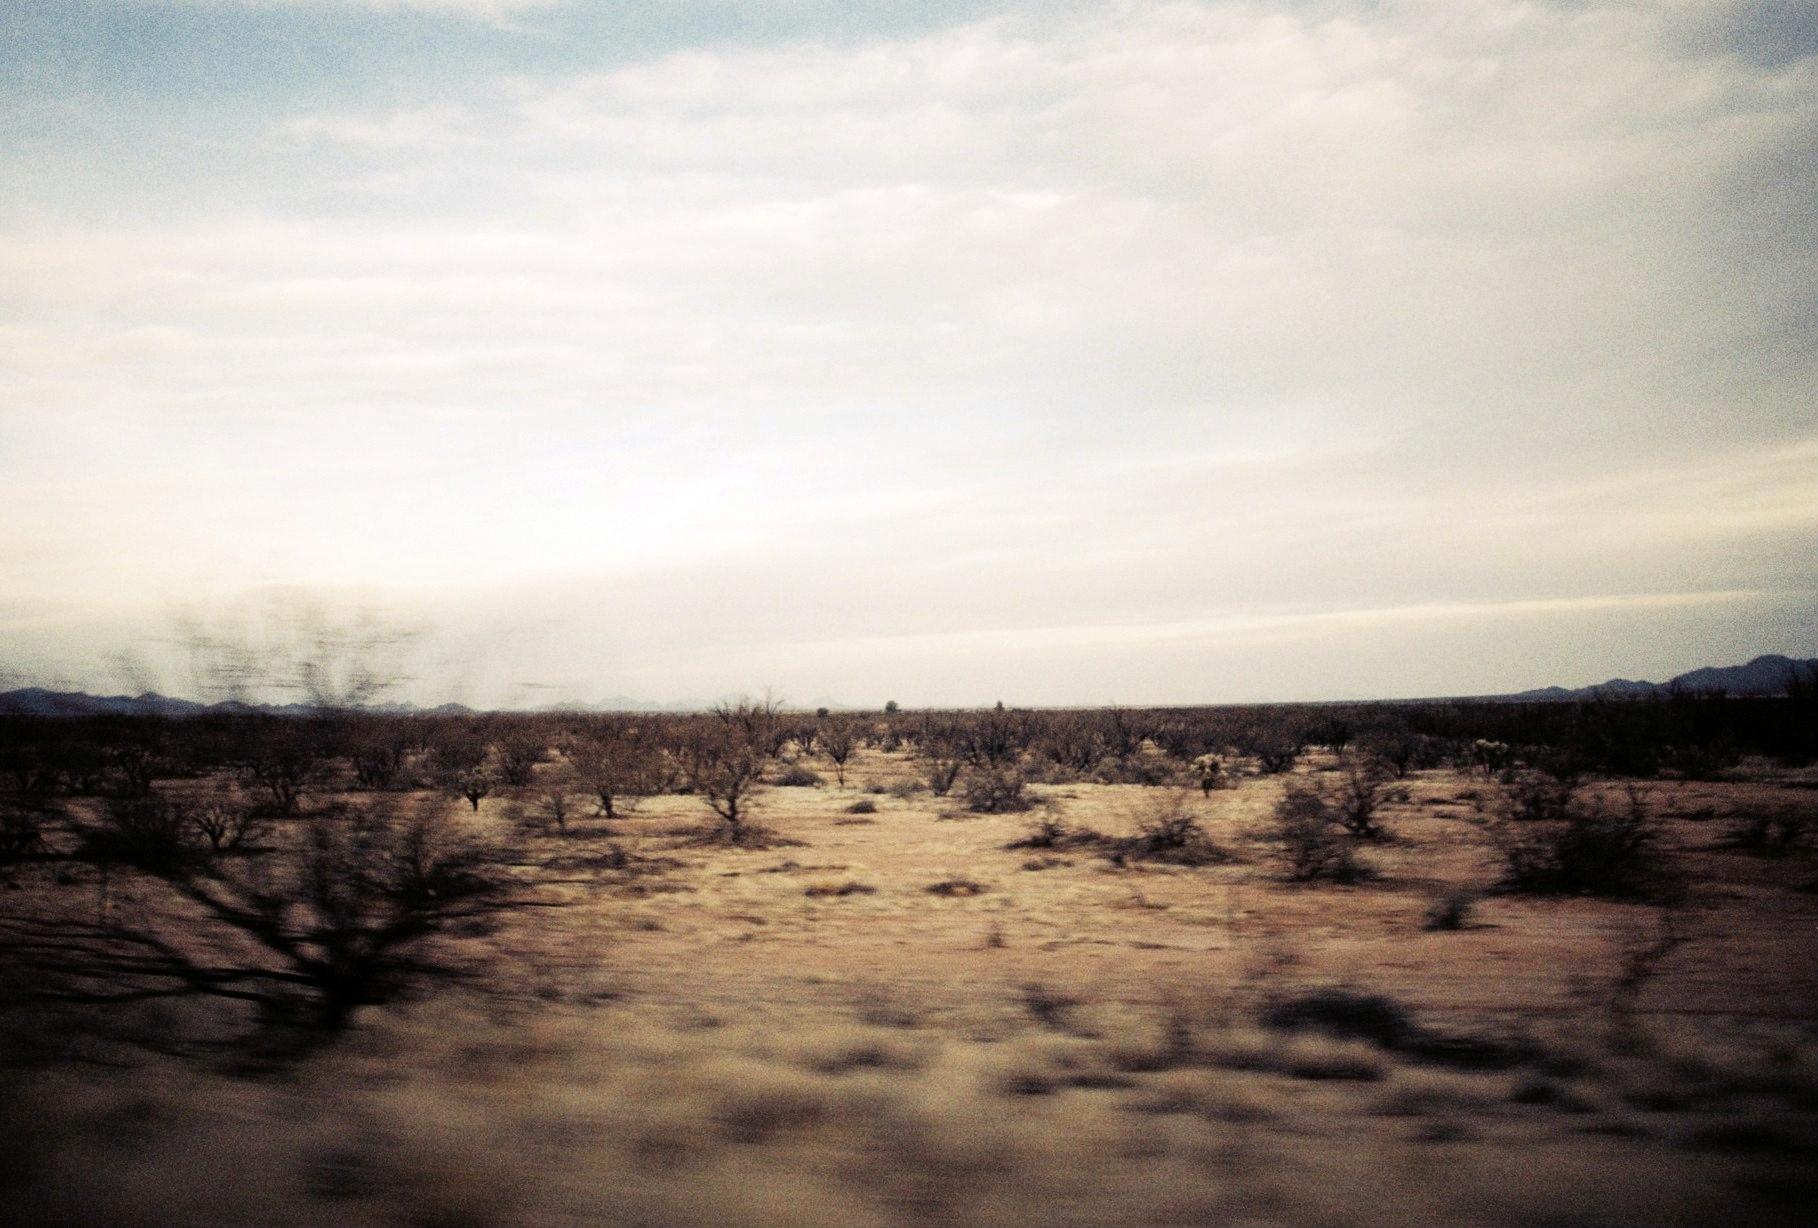 Tucson, USA (2011)